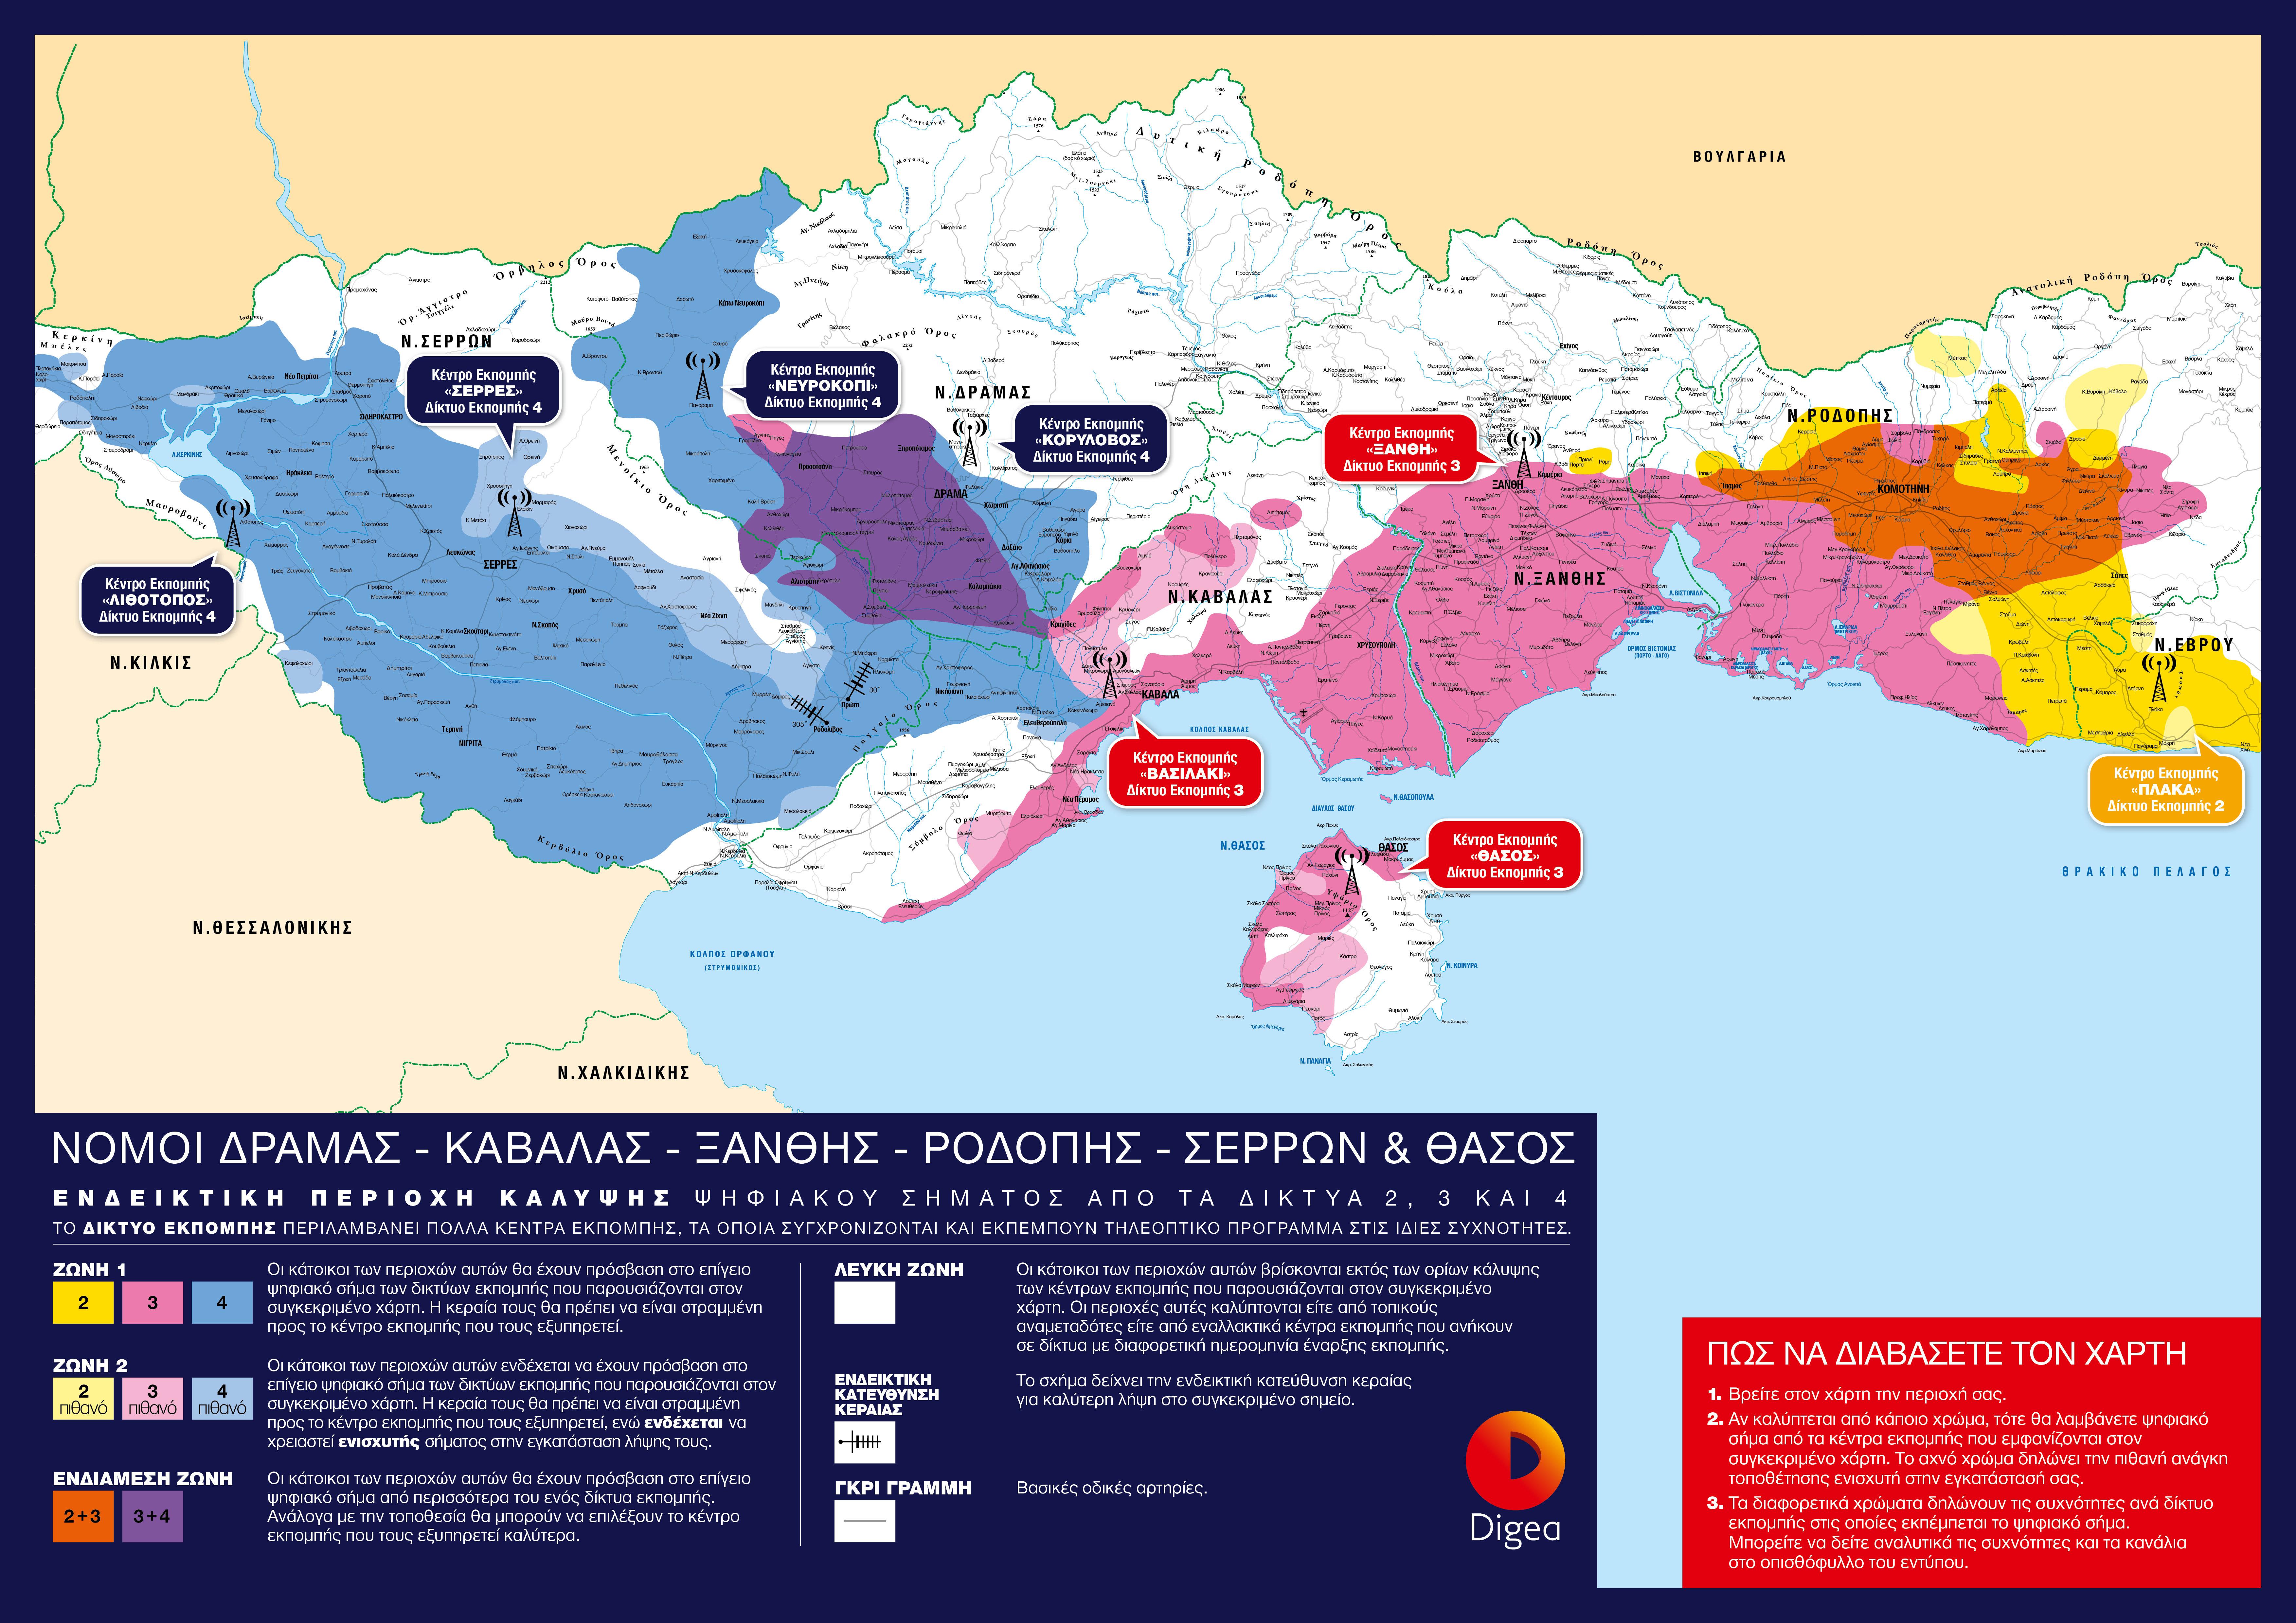 Makedonia - Thraki